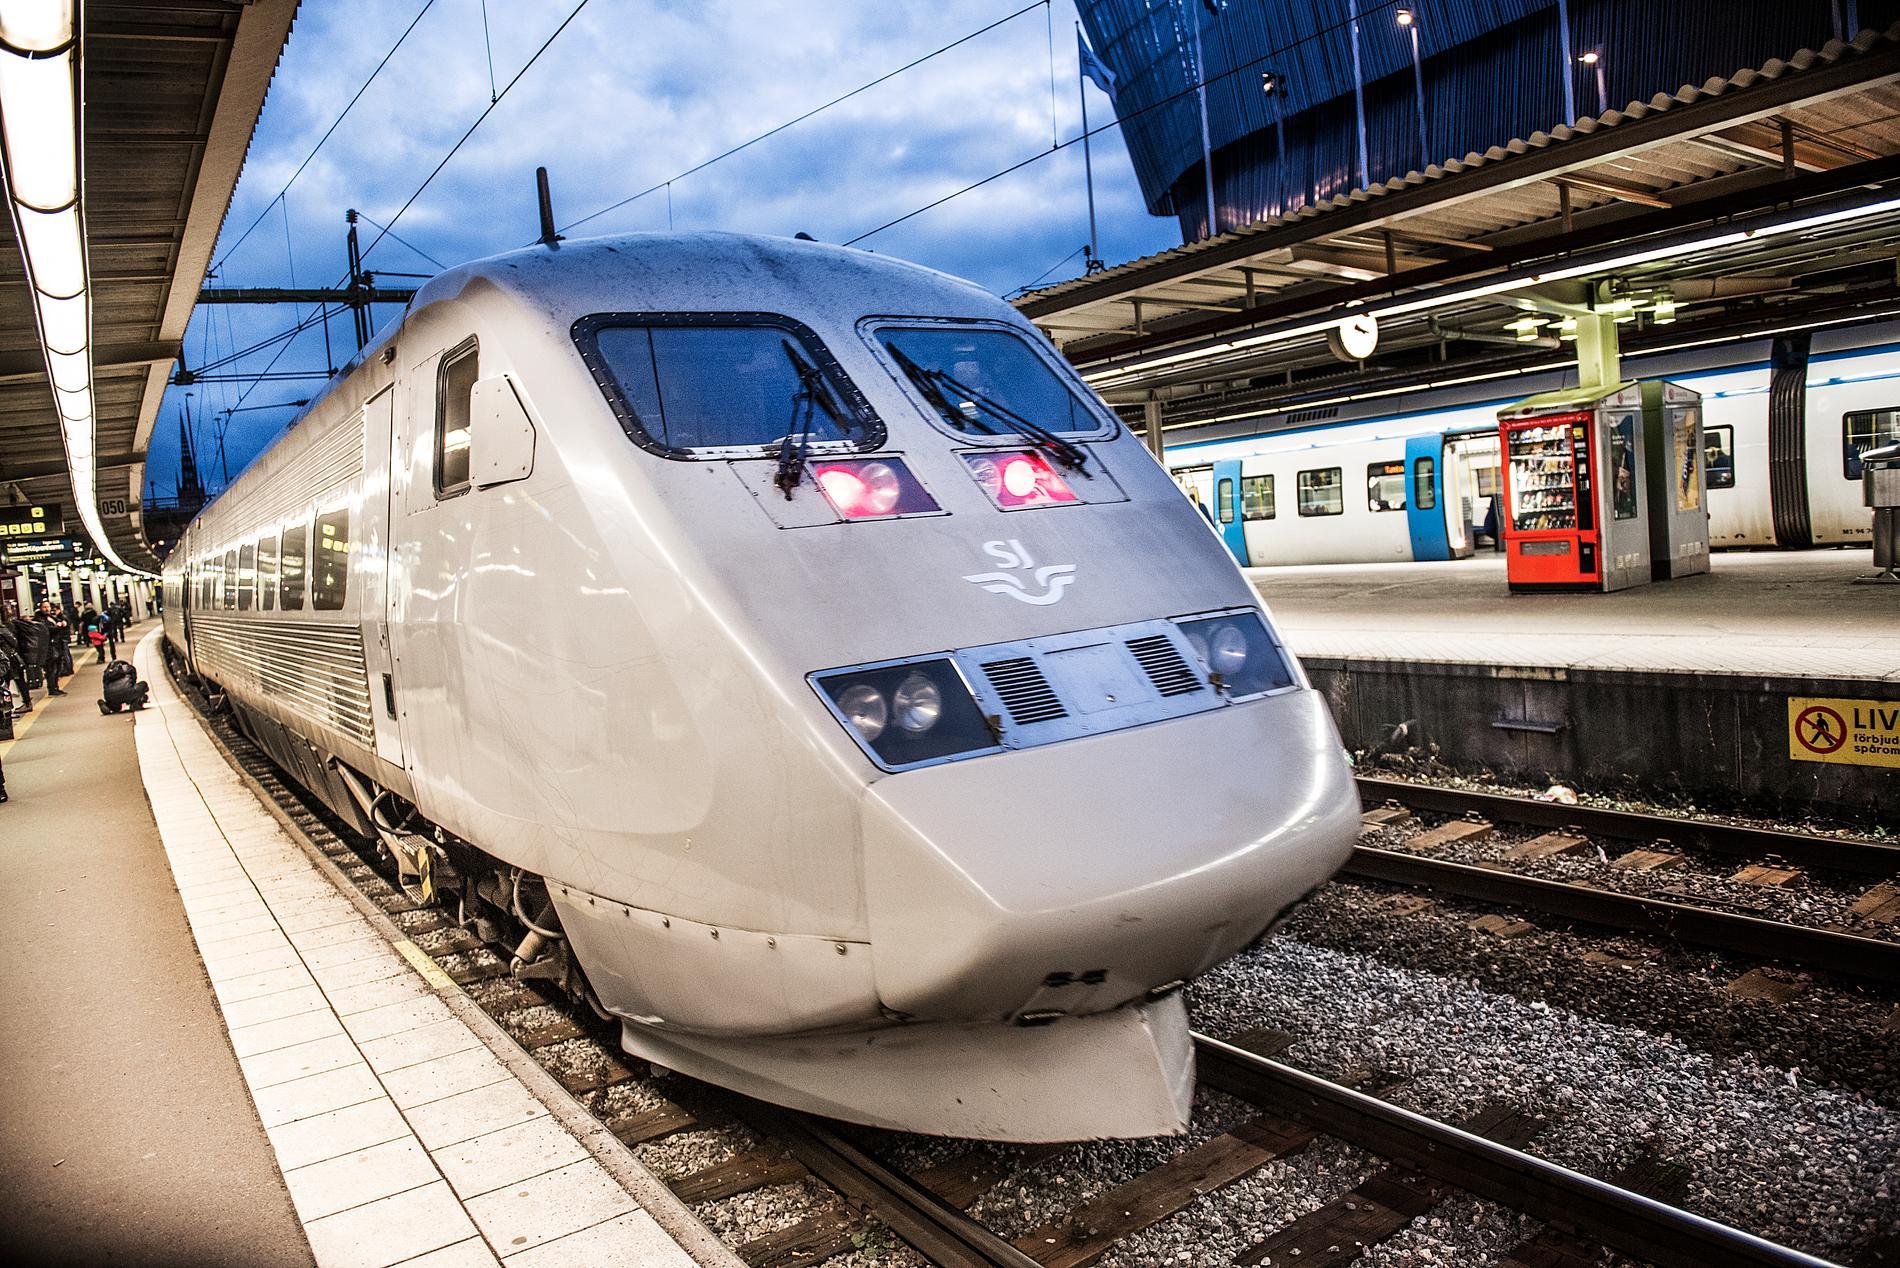 SJ ska göra det enklare att boka utlandsresor med tåg. Arkivbild.